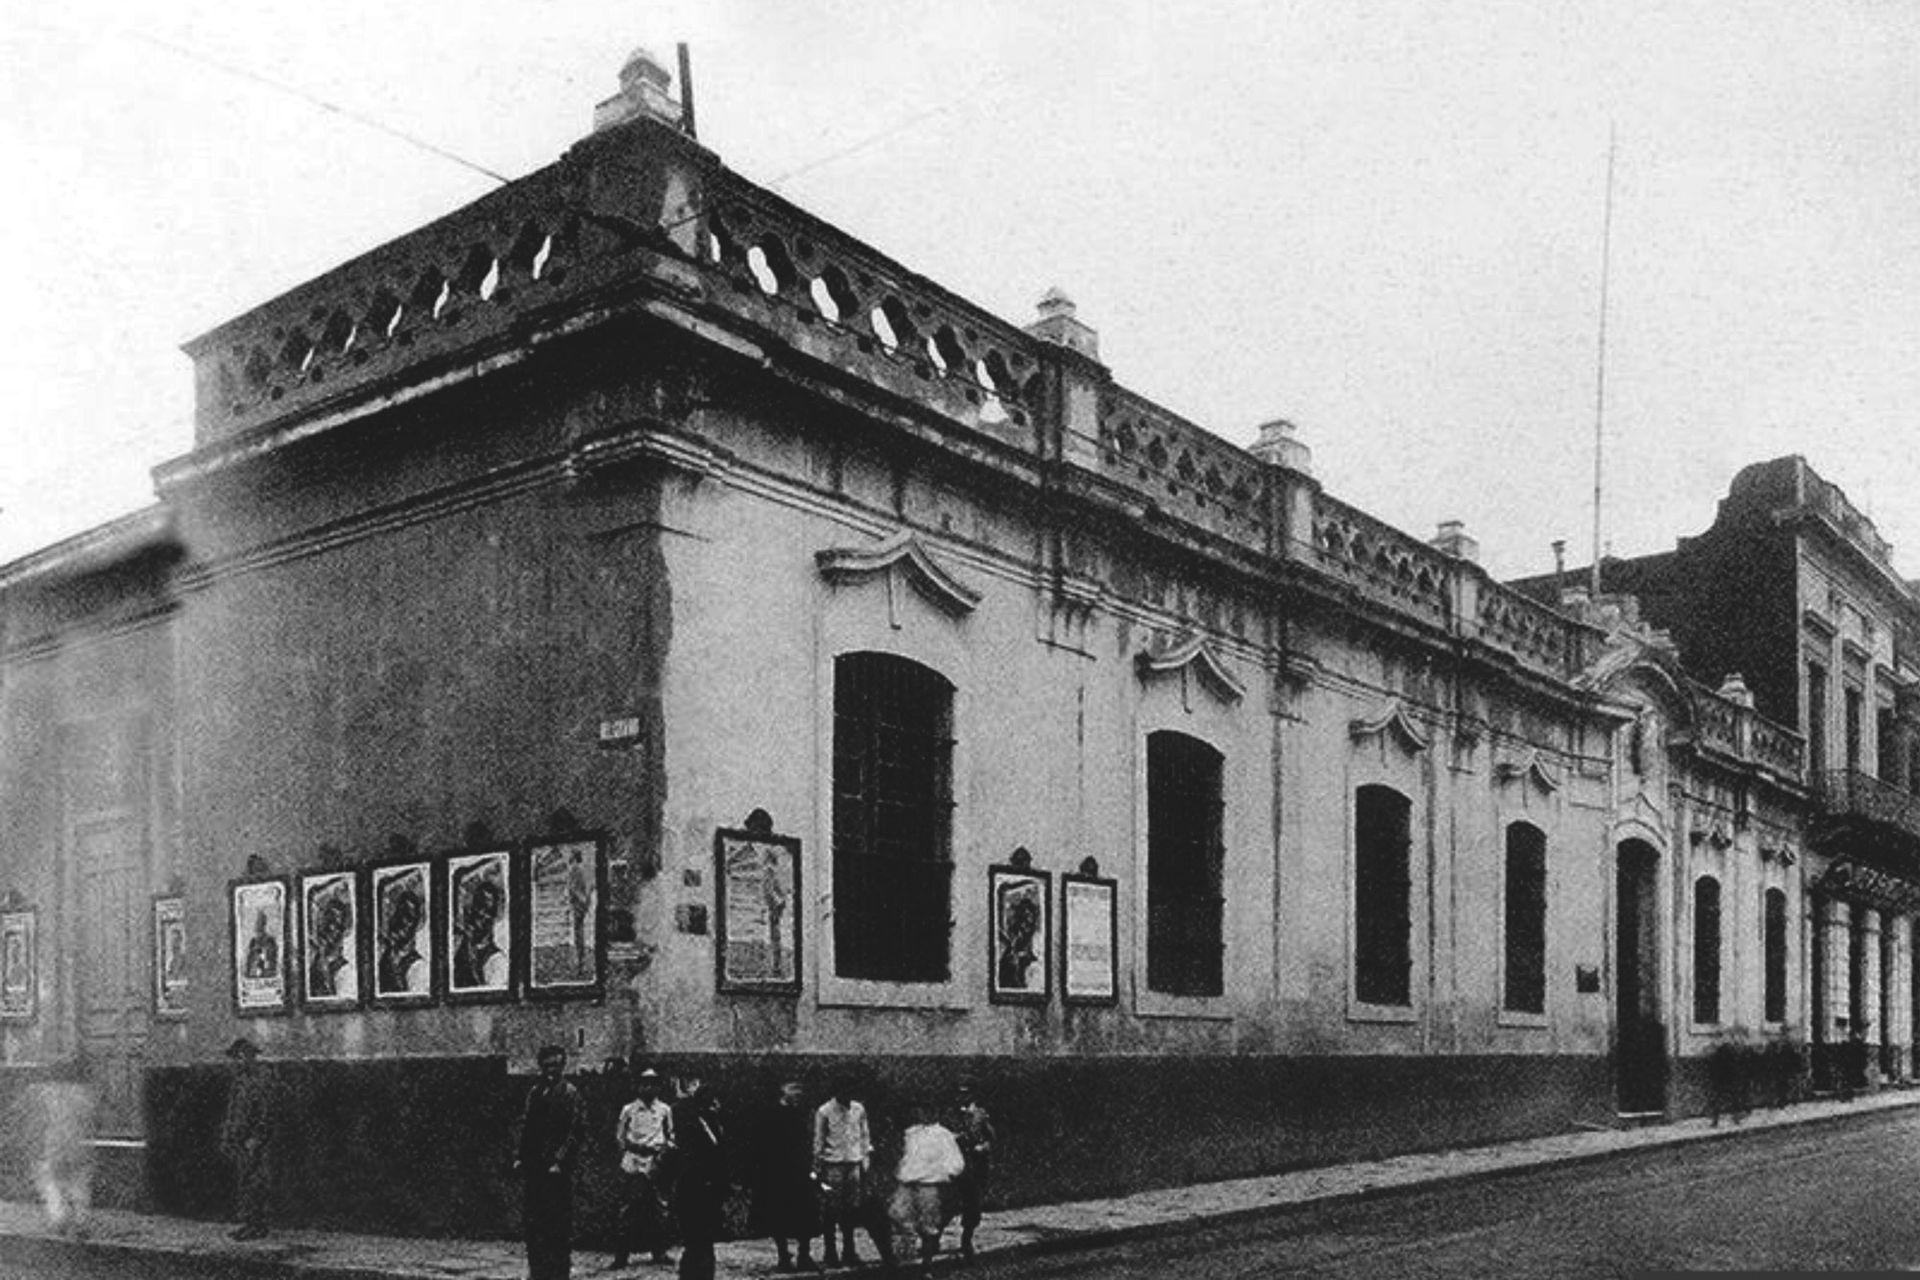 """""""La Casa de la Virreina Vieja"""", en la que vivieron el Virrey del Pino y su mujer Rafaela Francisca de Vera Mujica y López Pintado; la virreina en cuestión."""